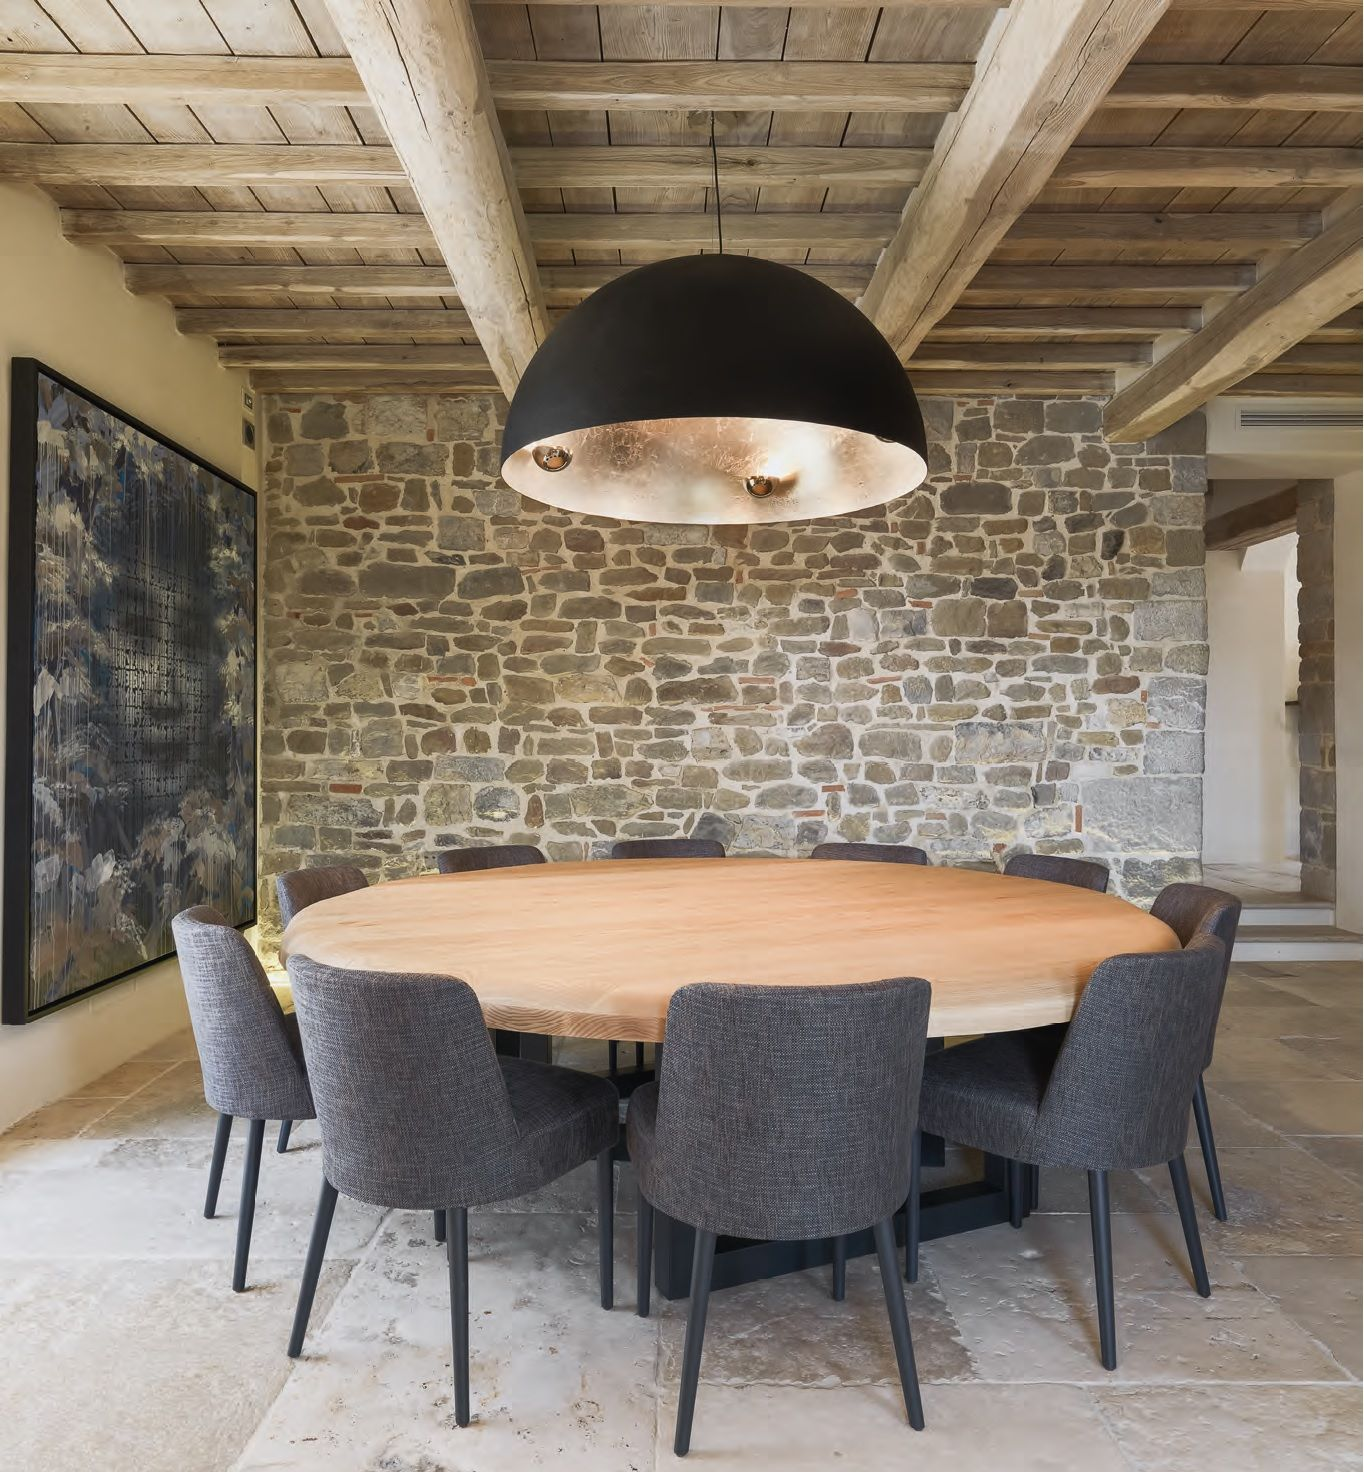 Travi a vista romantico restauro di un edificio antico  Stone  Wohnen Esszimmer